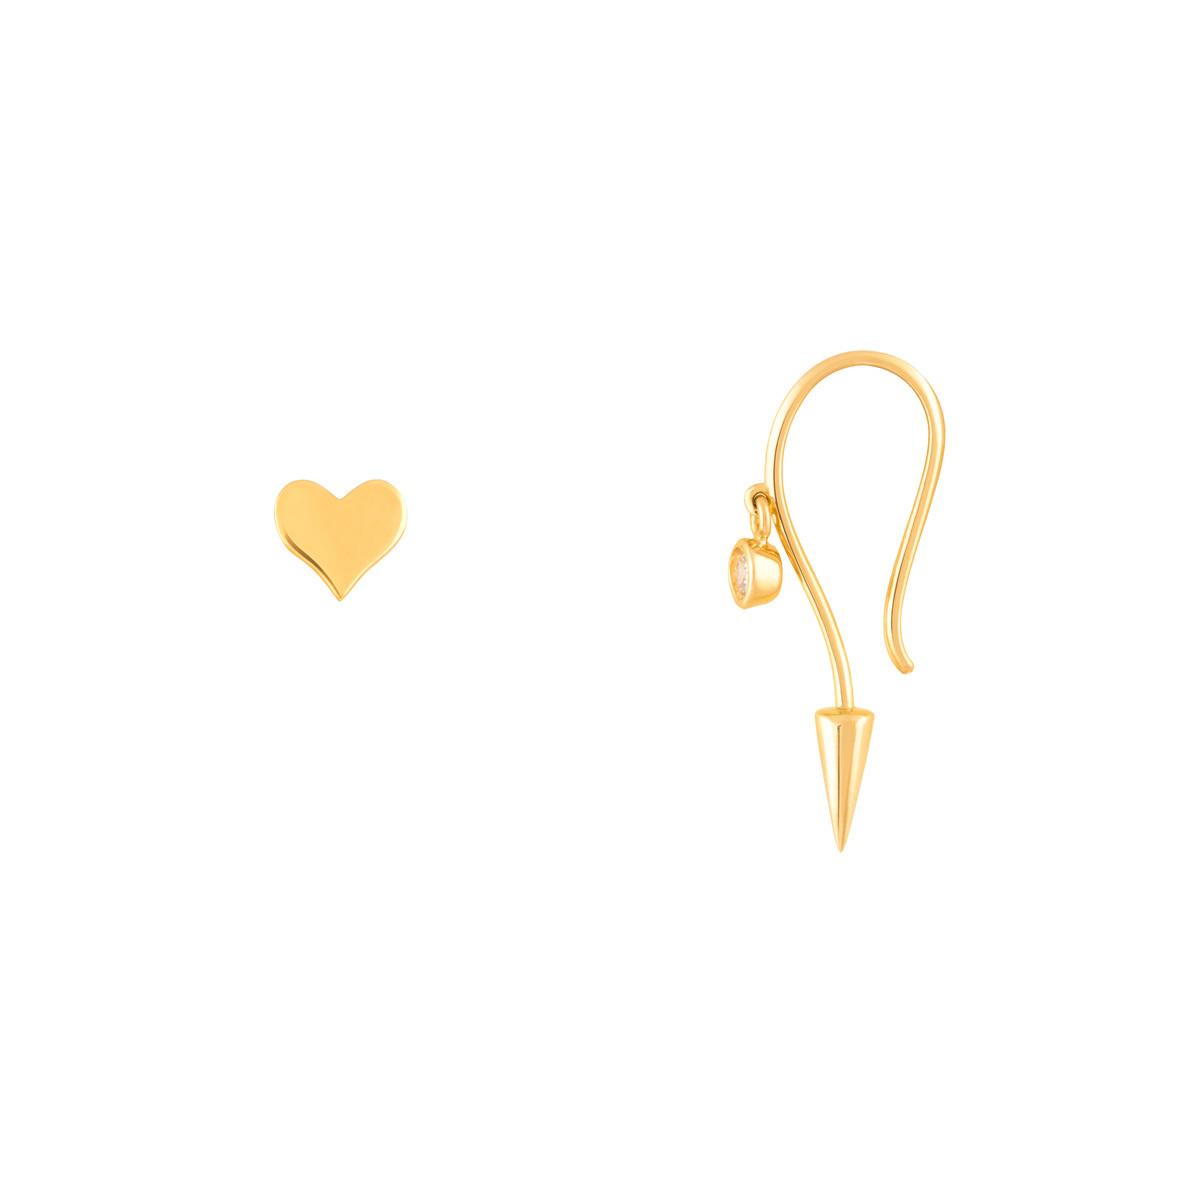 گوشواره طلا عصایی لونا و قلب